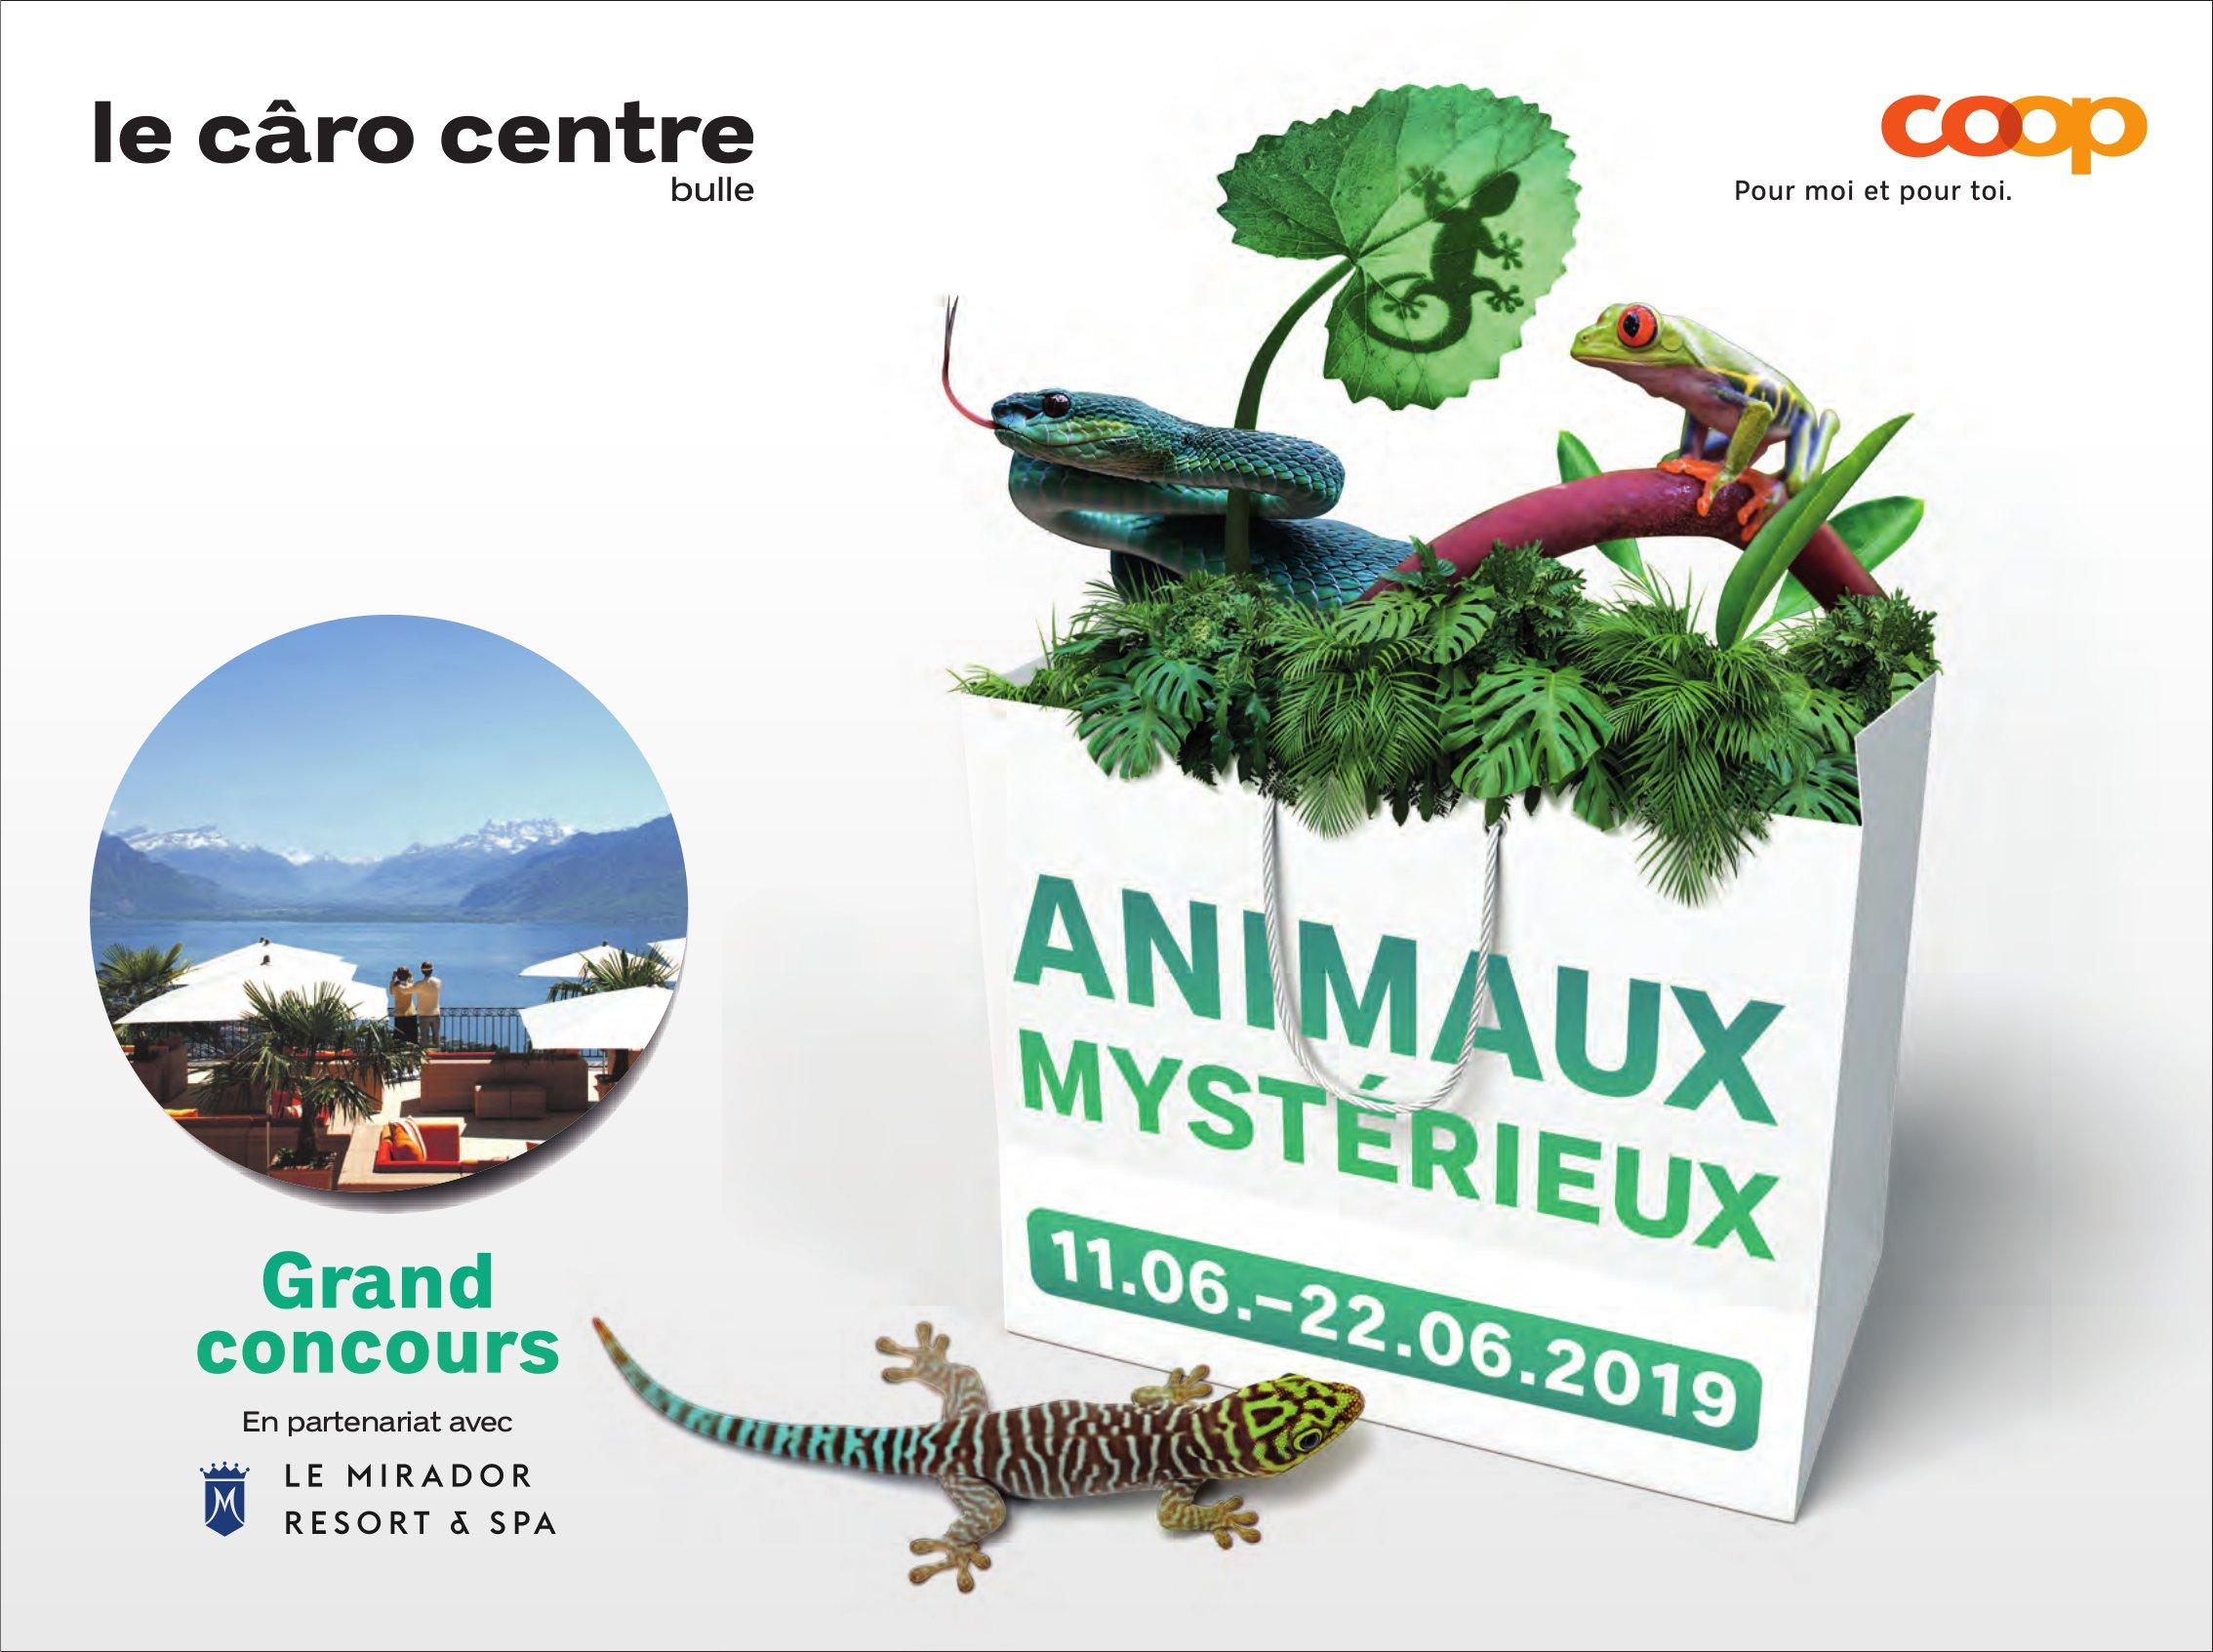 ANIMAUX MYSTÉRIEUX, 11.06.-22.-6.2019,  COOP le câro centre, Bulle